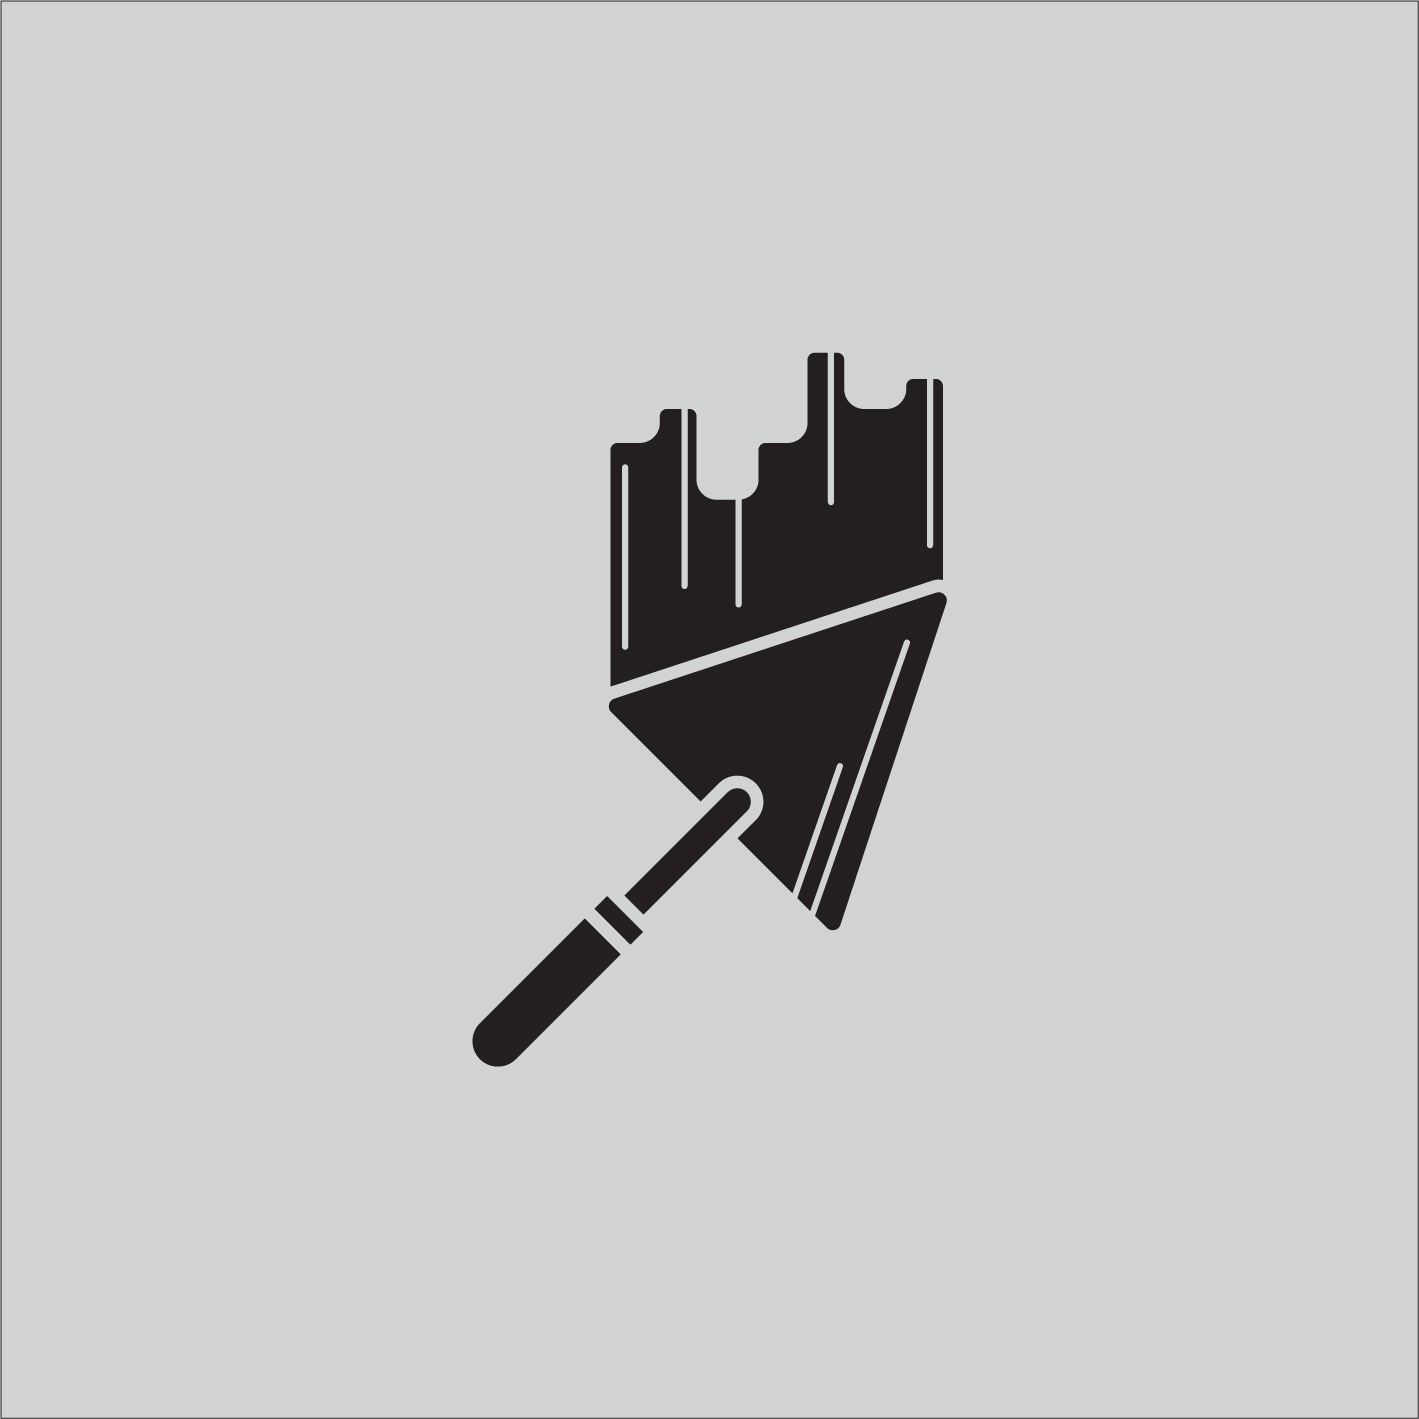 Preços de Fábricas de Bloco de Concreto em Itu - Bloco de Concreto Celular - Concreto São Paulo